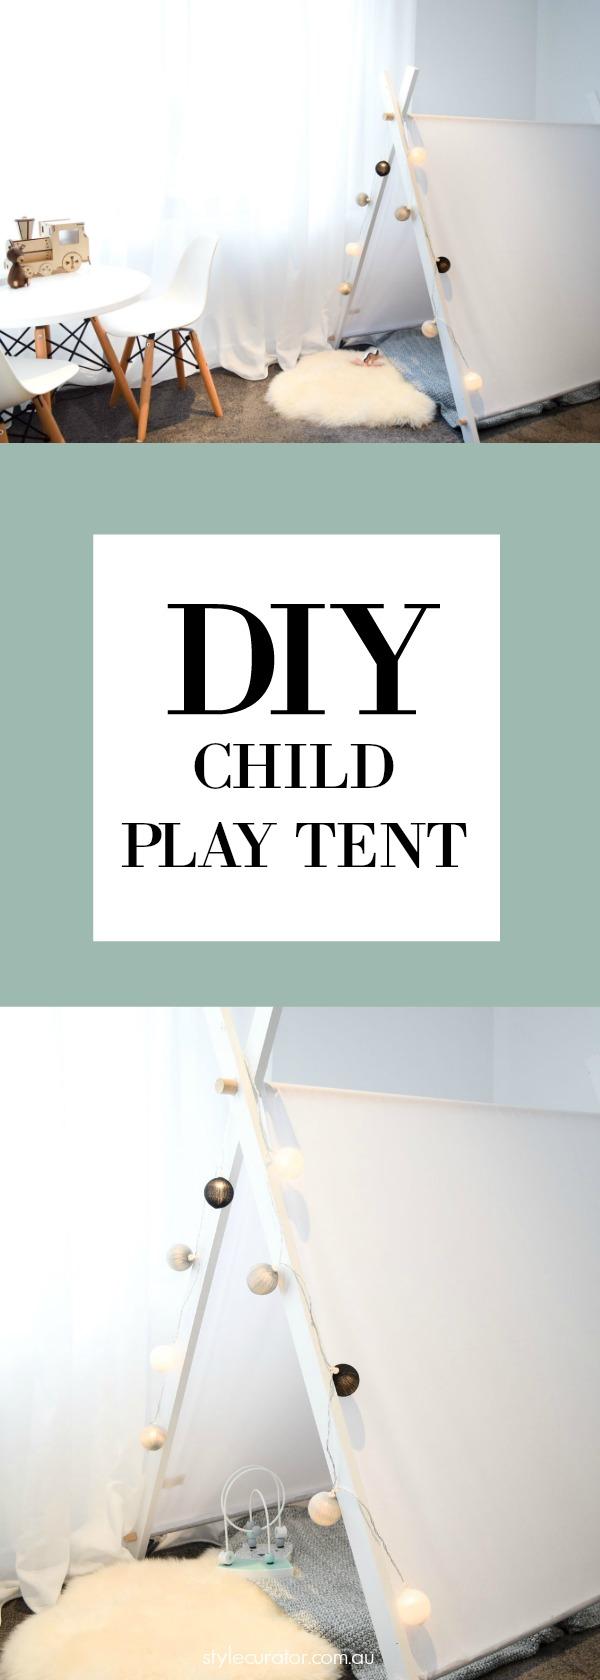 Pinterest play tent